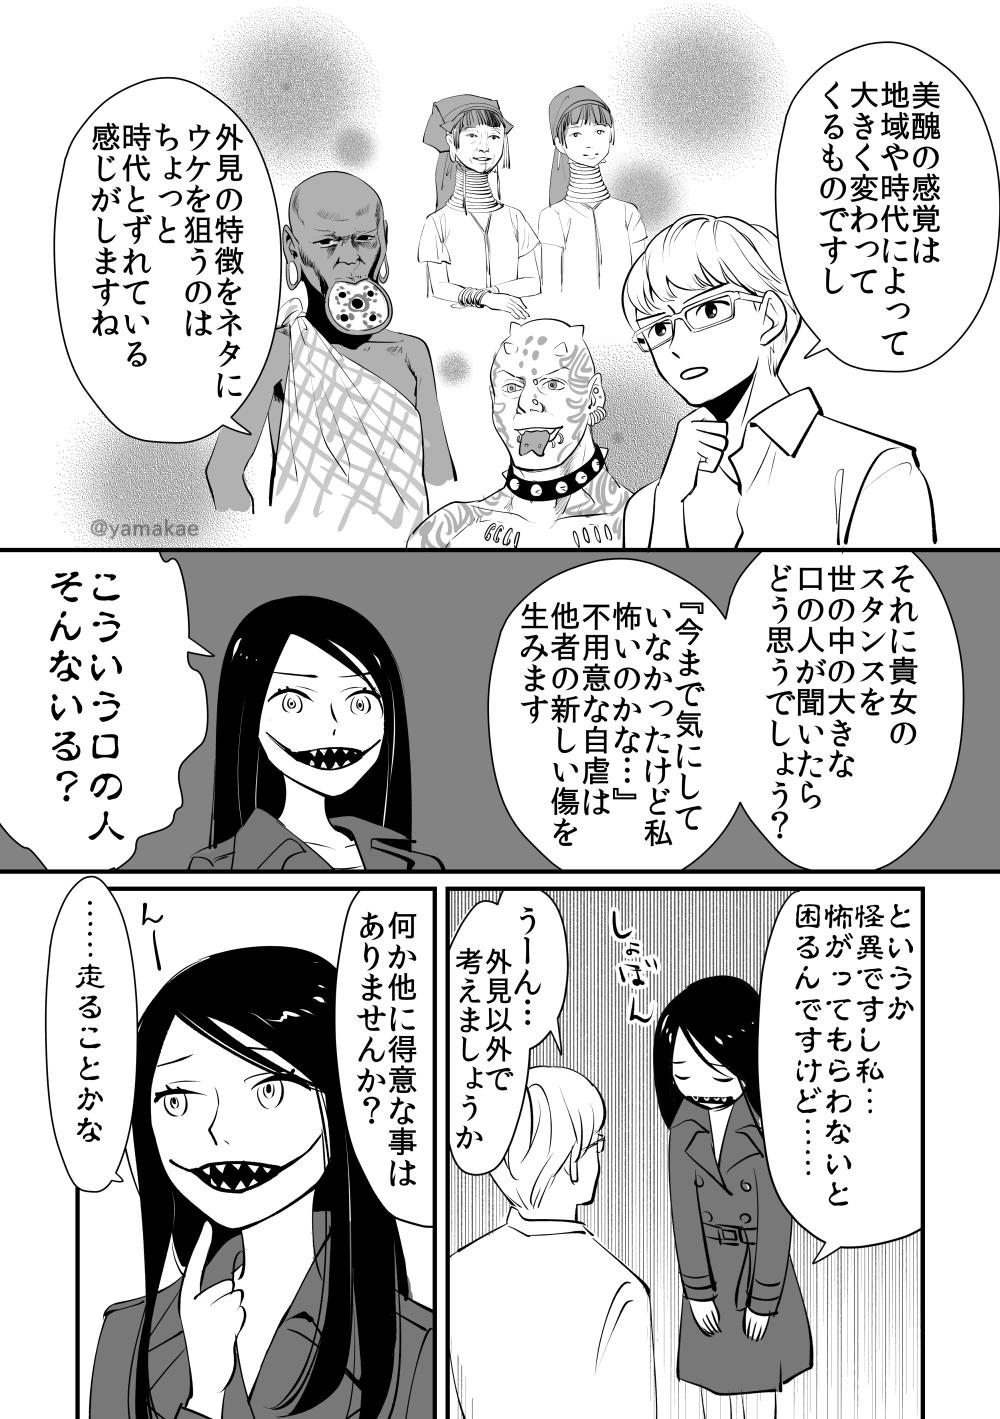 ポリコレに敏感な人03